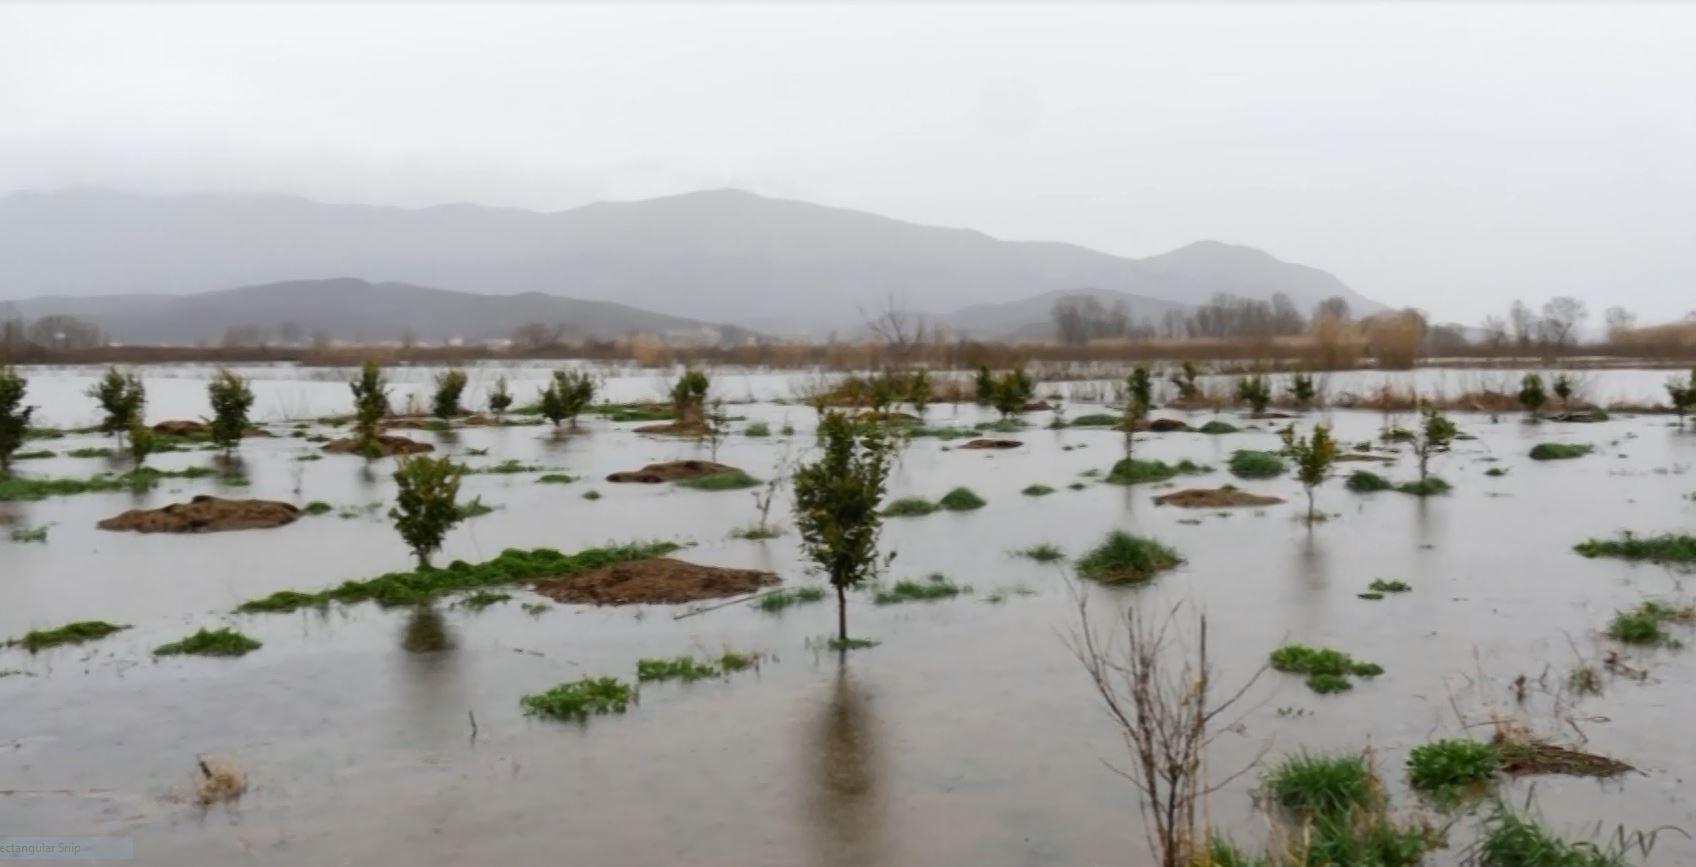 IGJEUM: Edhe sot vijojnë reshjet/Pritet shtimi i prurjeve në lumenj